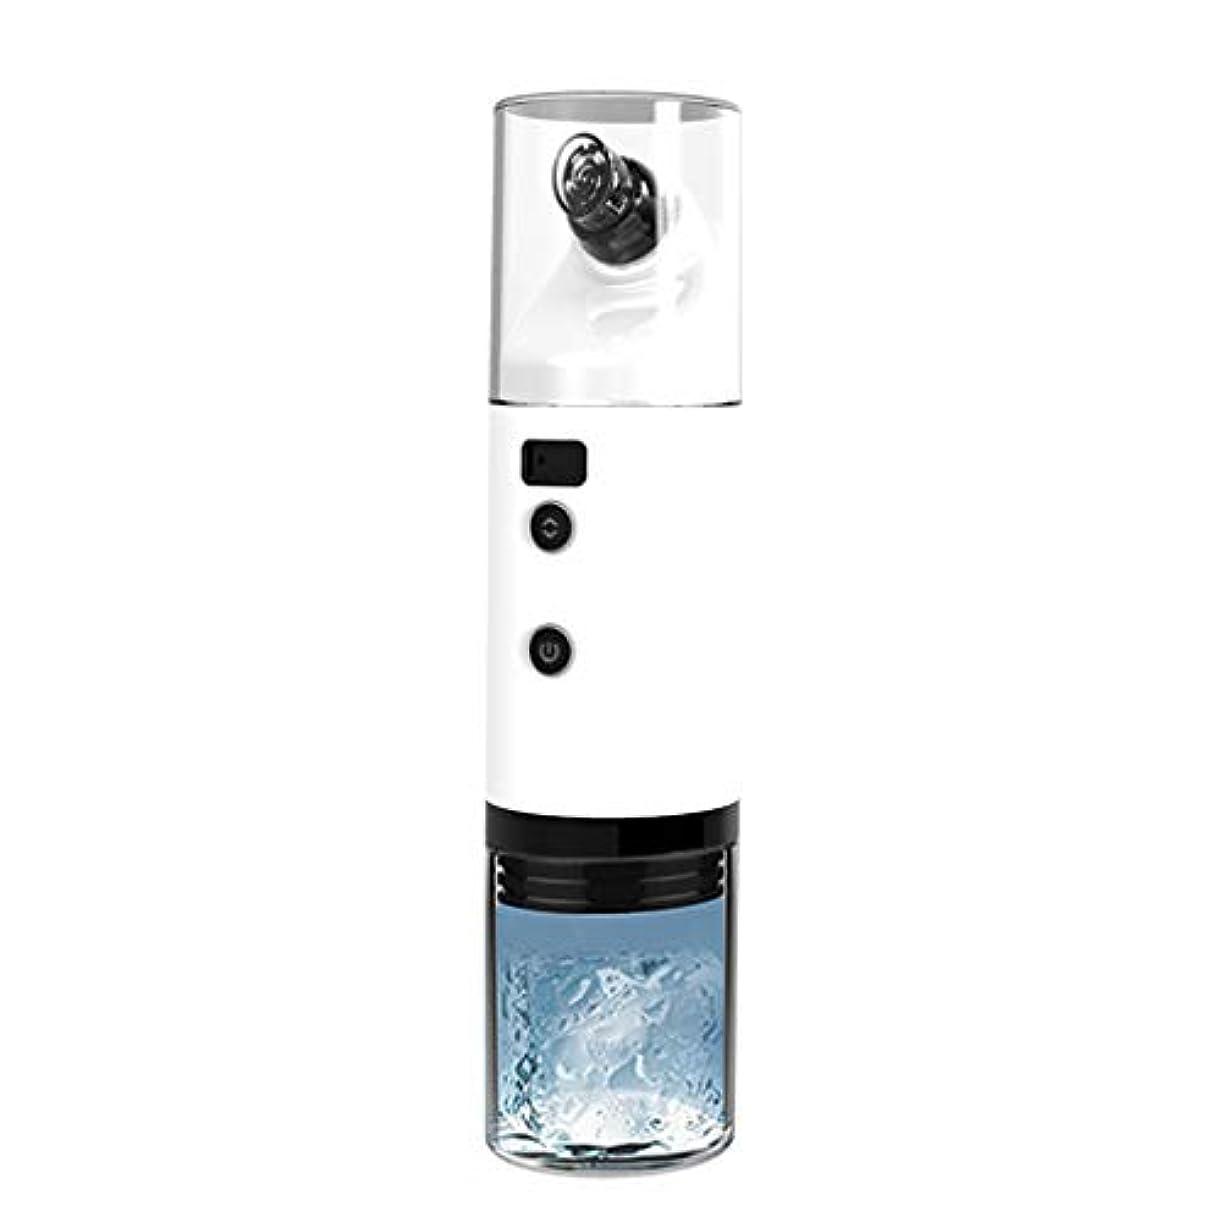 大気排気好ましいにきび掃除機きれいな水の循環吸引にきび毛穴にきび毛穴洗顔フェイシャルスキンケア機